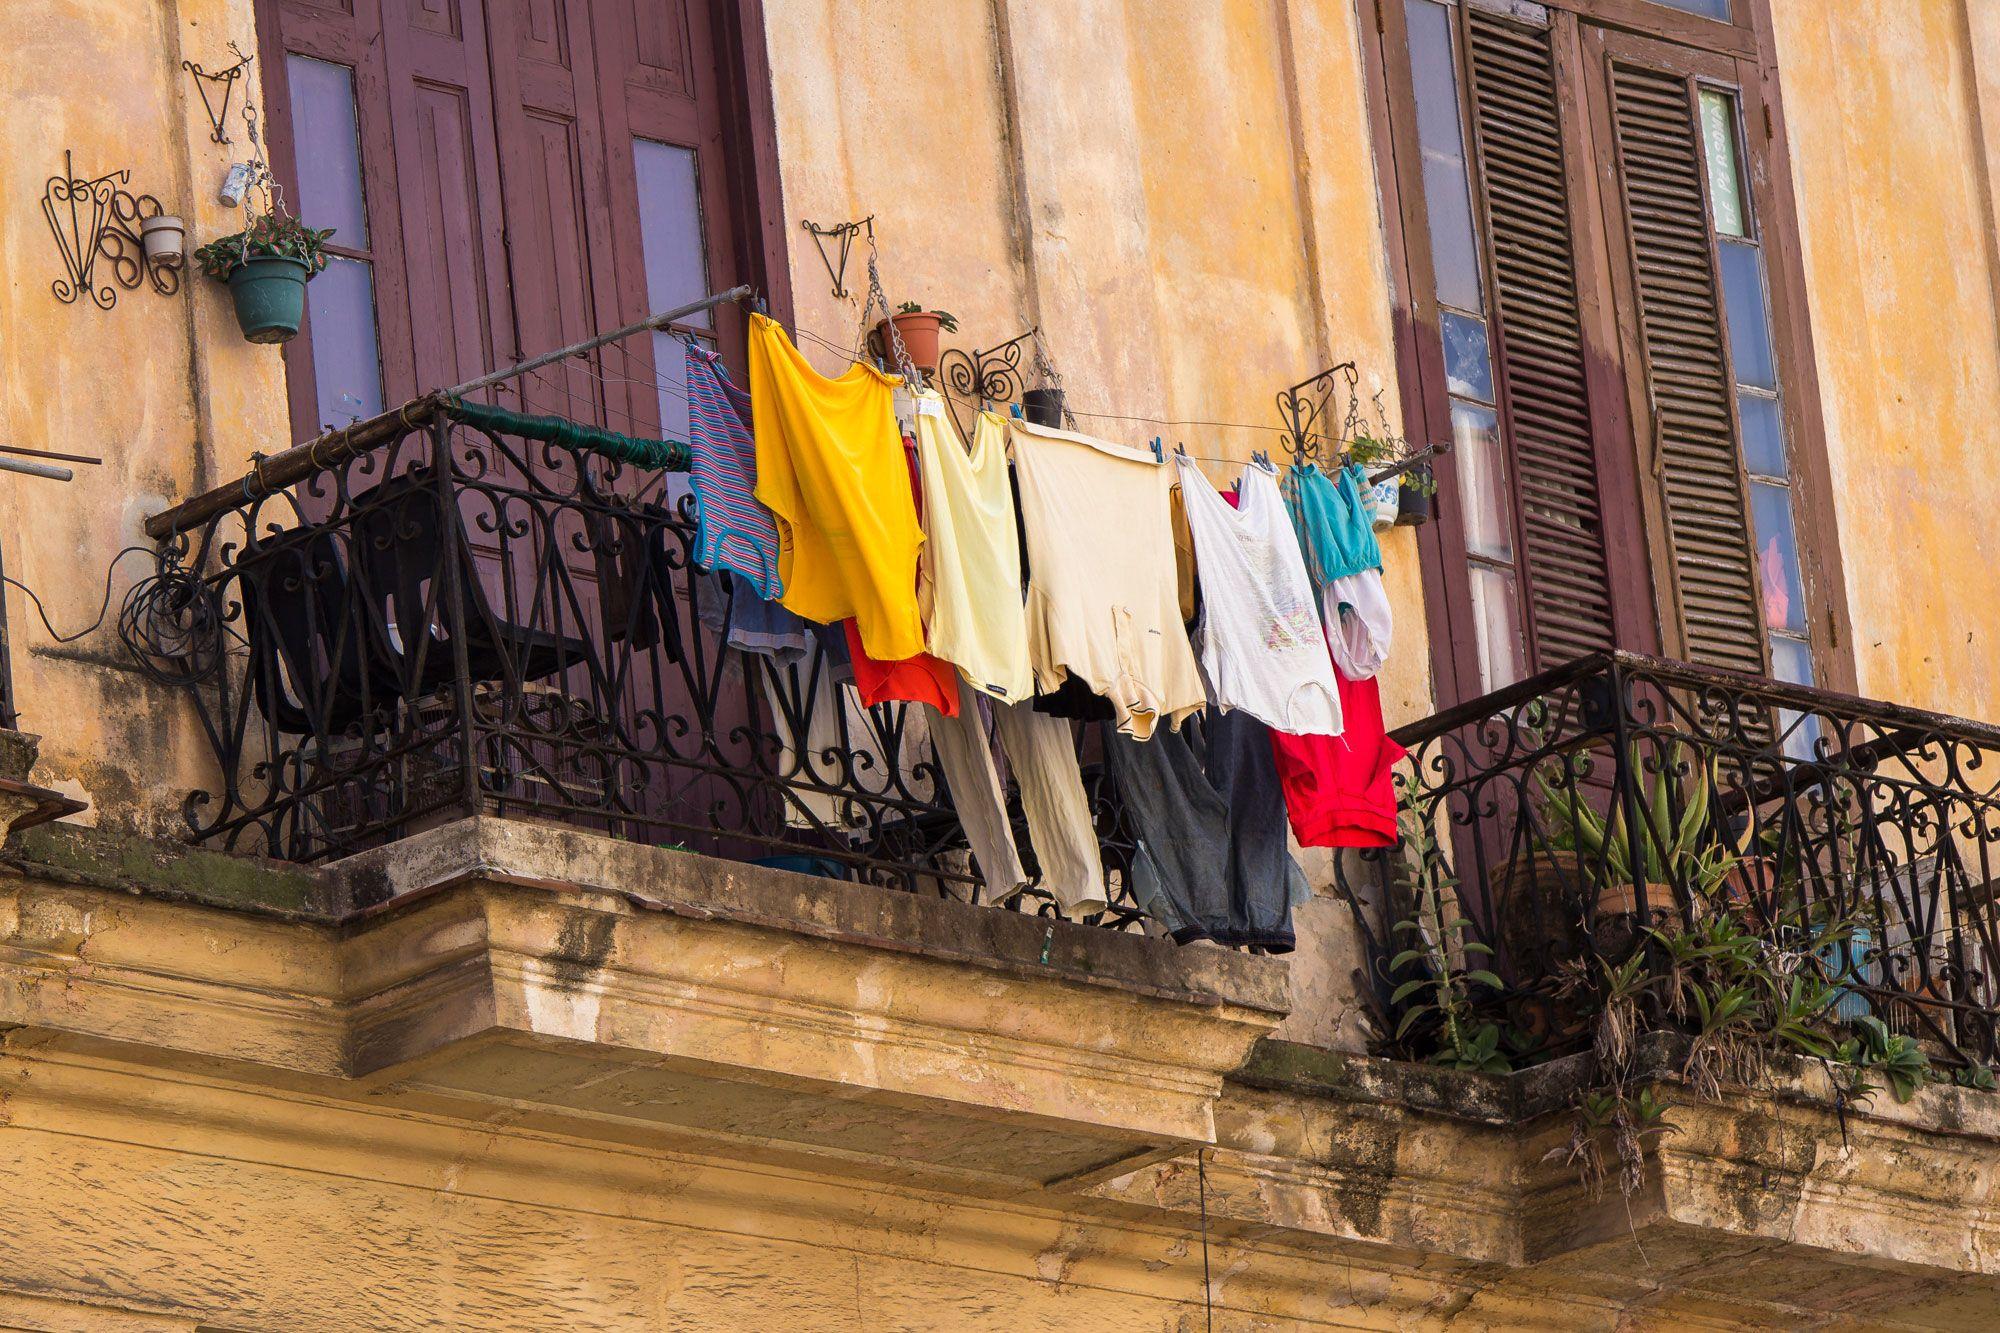 Laundry hanging in Havana